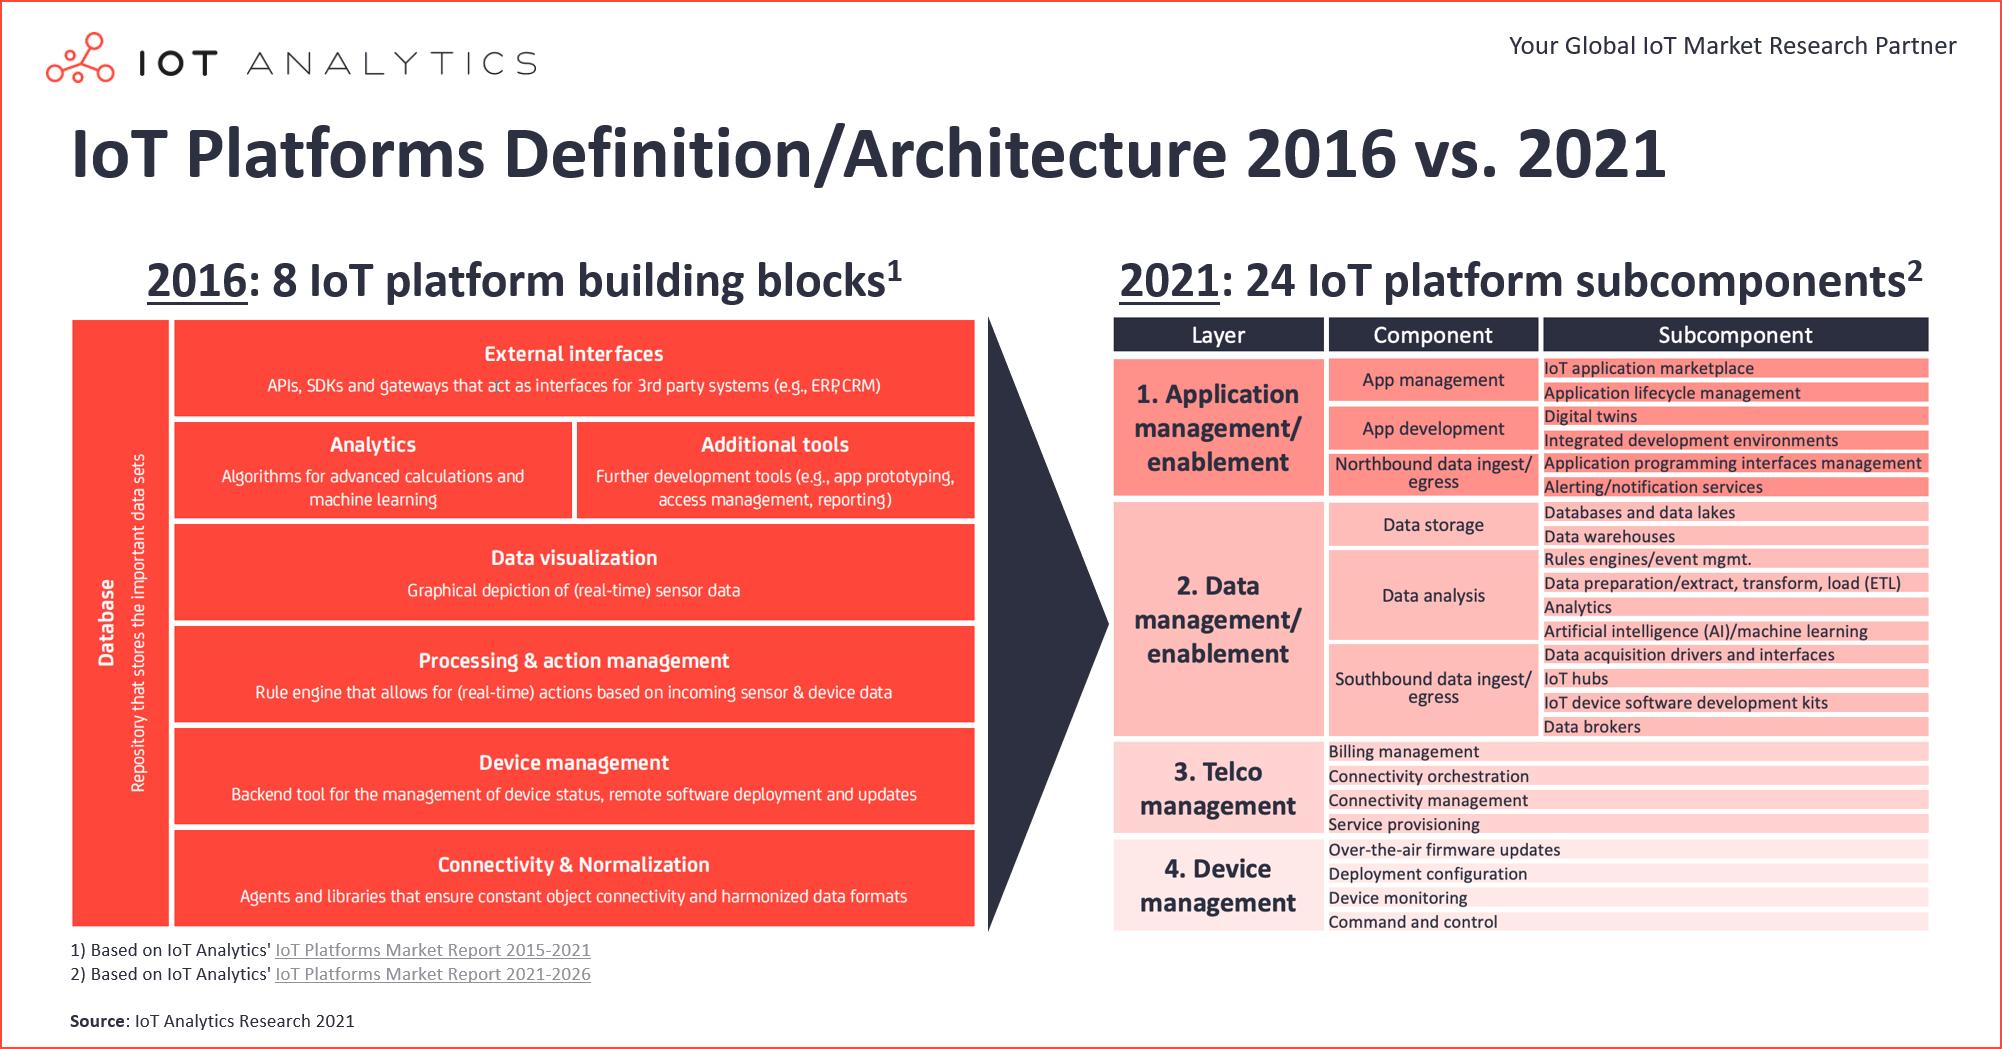 IoT Platforms Definition Architecture 2016 vs 2021